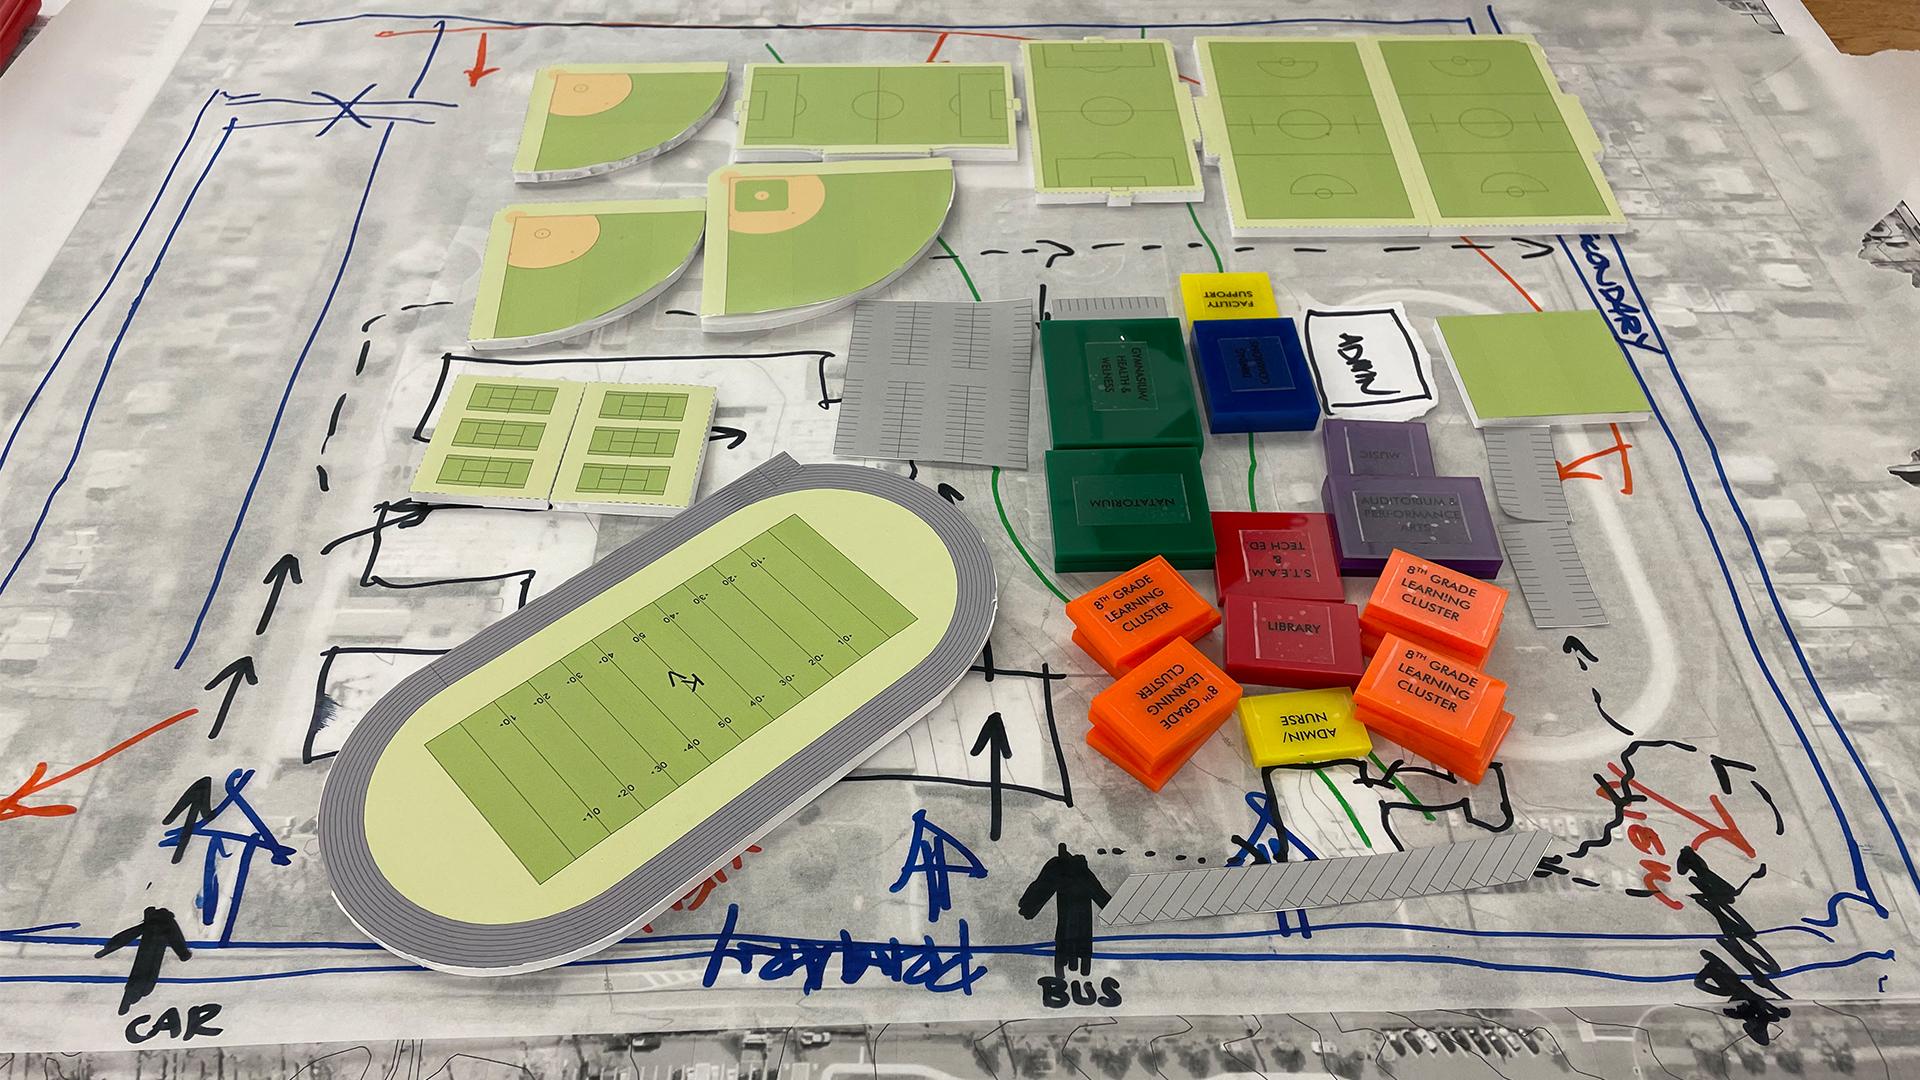 2_SCHRADERGROUP_Keith-Valley-Middle-School-Design-Workshop_Hatboro-Horsham-School-District